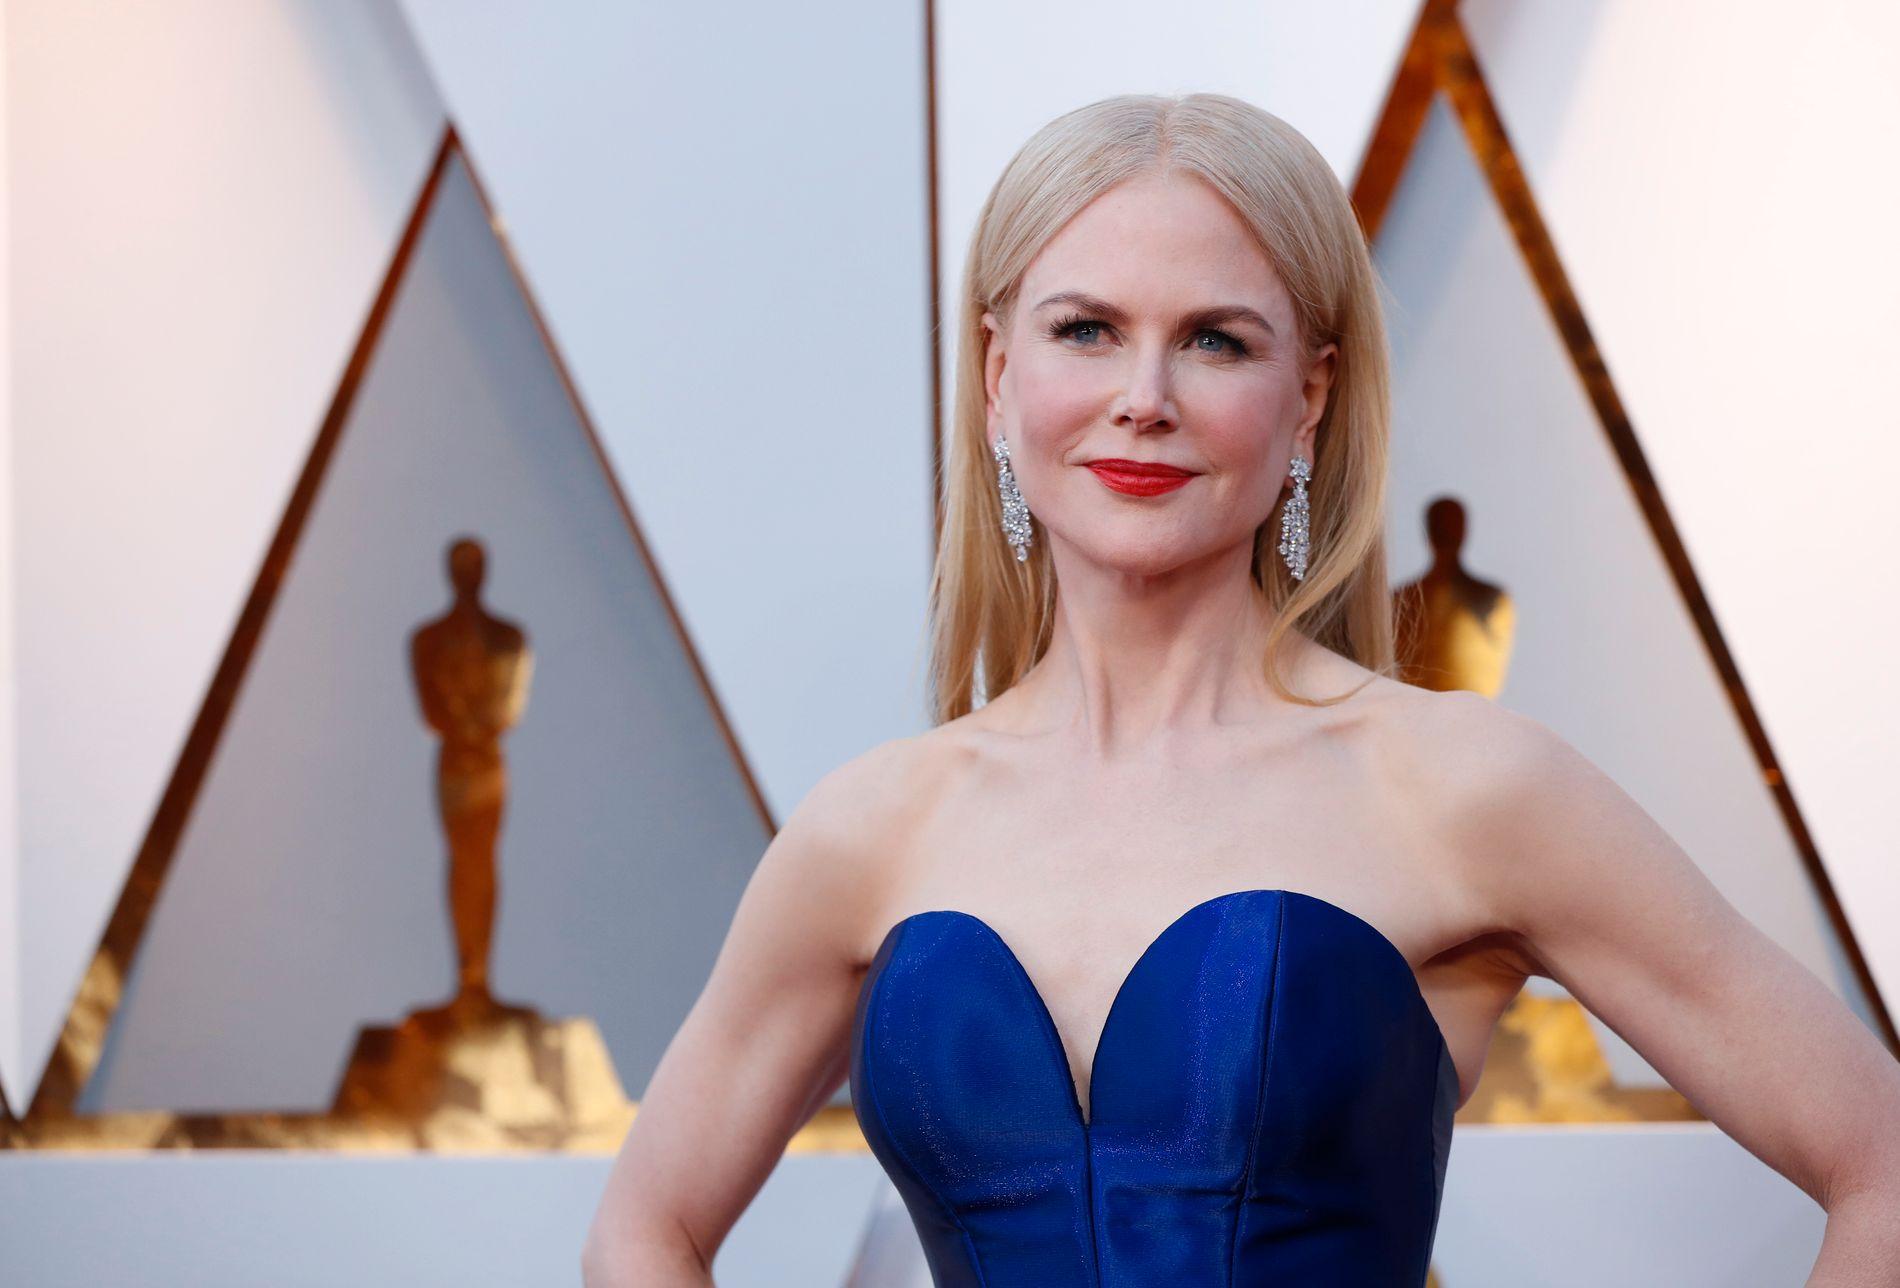 ÅPEN: Nicole Kidman, her på Oscar-utdelingen tidligere i år.